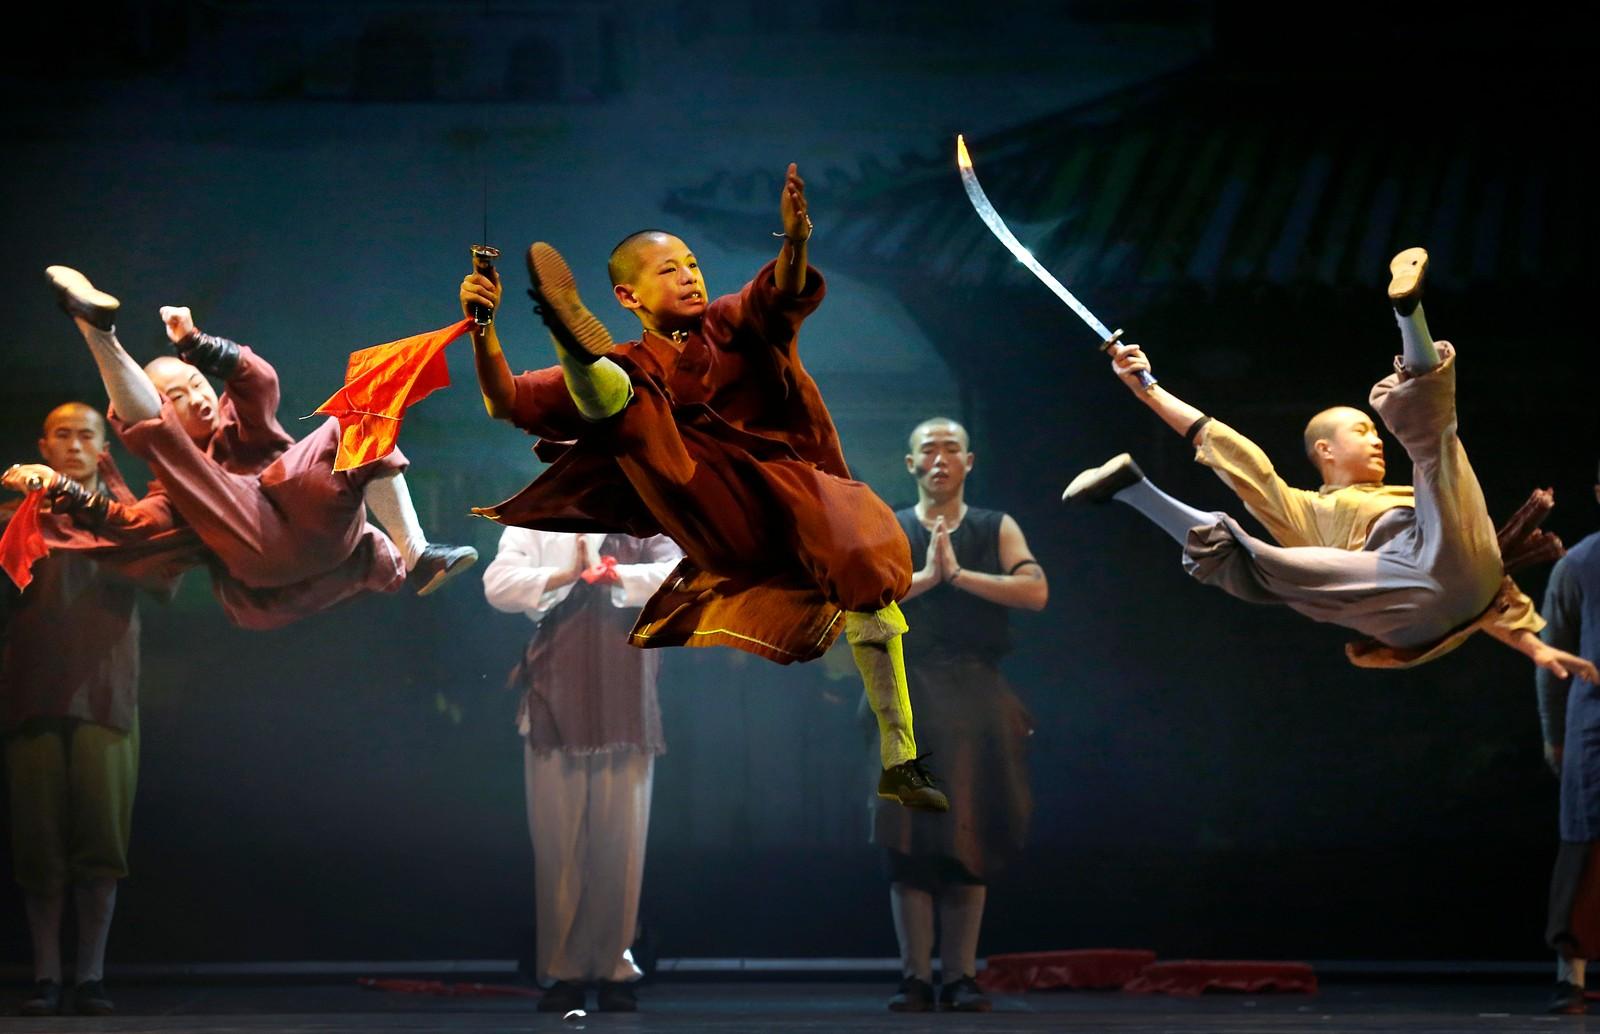 Shaolinmunker viser sine kunster i Singapore den 13. juli. Munkene er fra Shaolintempelet, som er kjent som fødestedet til shaolin kung fu og chanbuddhismen.